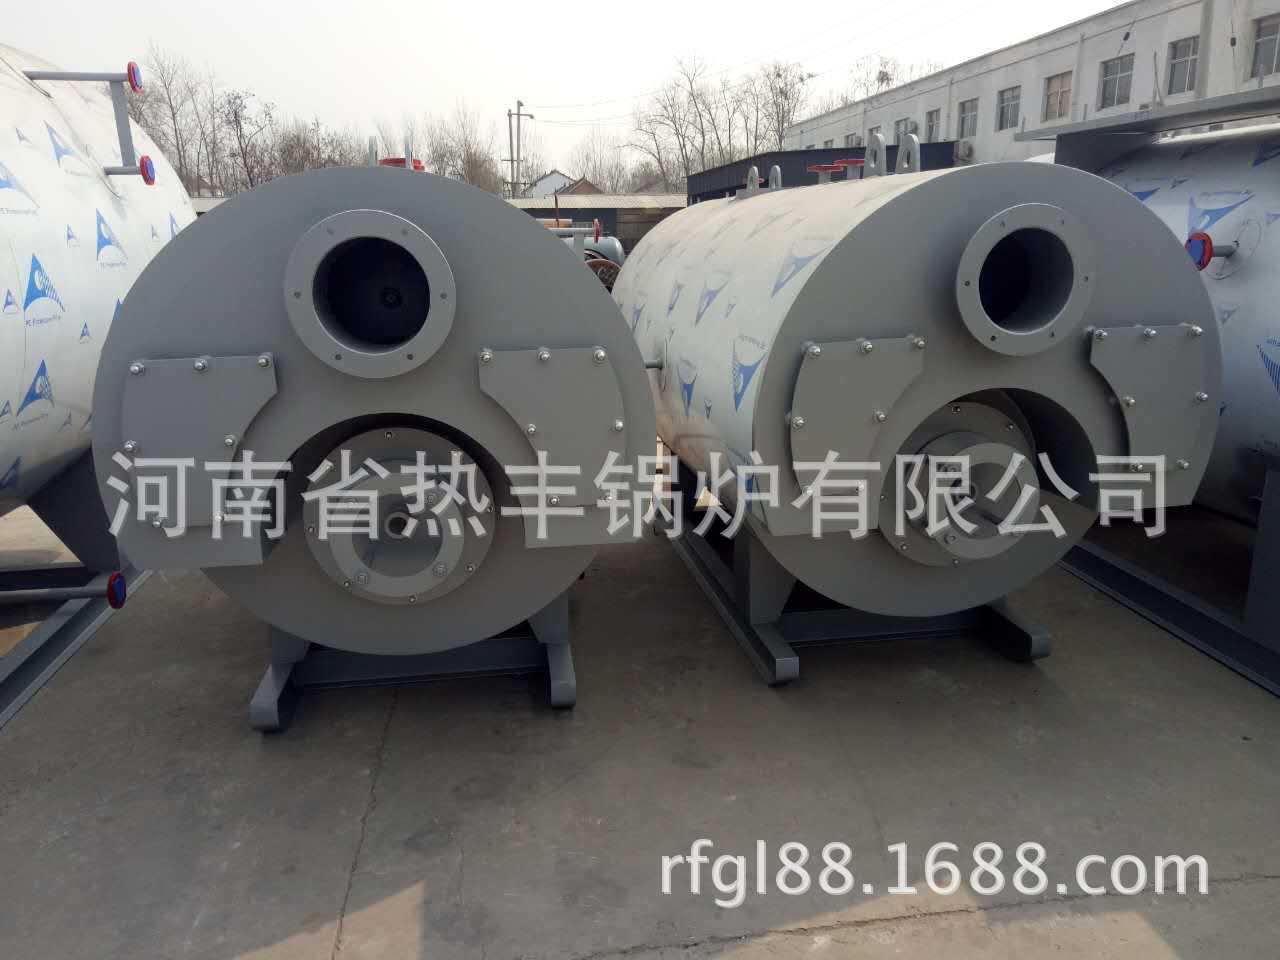 天津市2吨燃油热水锅炉厂家直销/专业承接燃油蒸汽锅炉安装示例图13